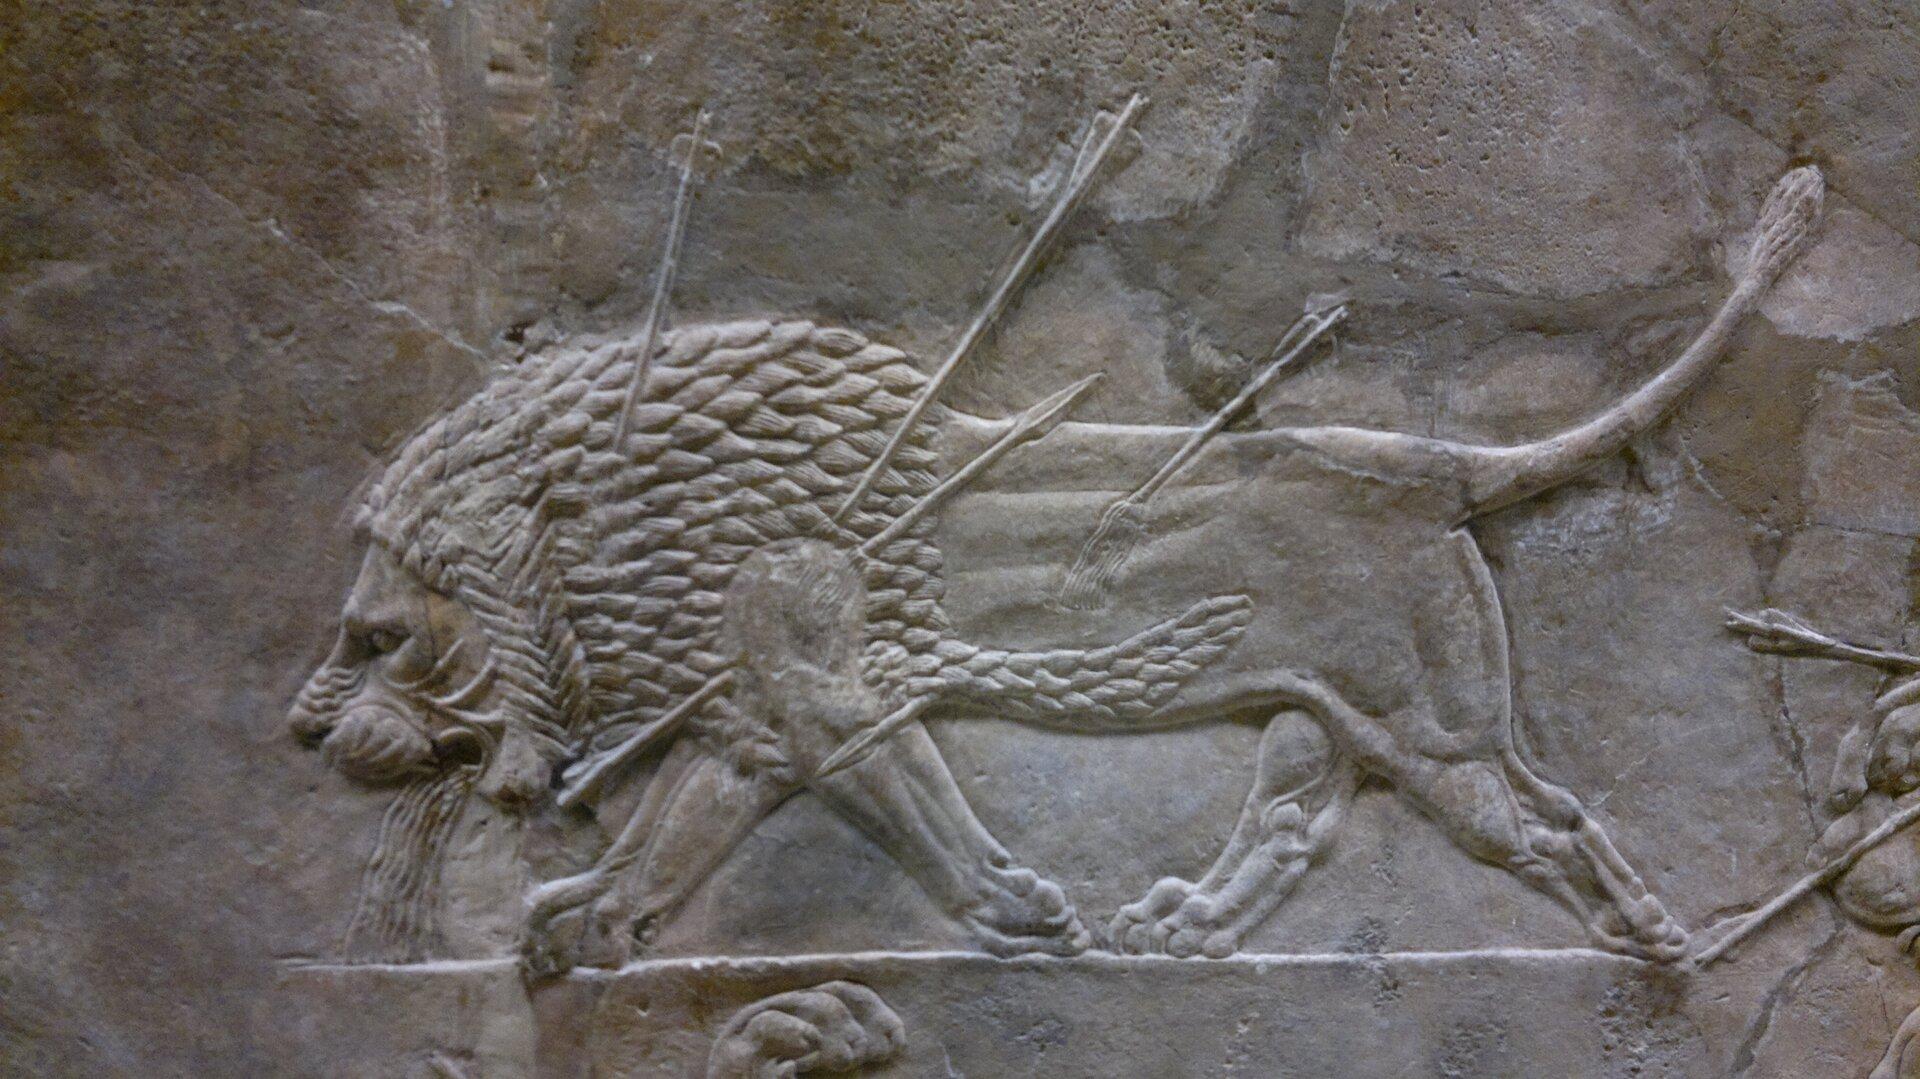 """Ilustracja przedstawia relief """"Umierający lew"""" zpałacu Asurbanipal. Ukazuje lwa, wktórego ciele znajdują się strzały. Zwierzę ostatnimi siły podąża naprzód, ma pochylony łeb, zbuzi ciekną mu strugi krwi."""